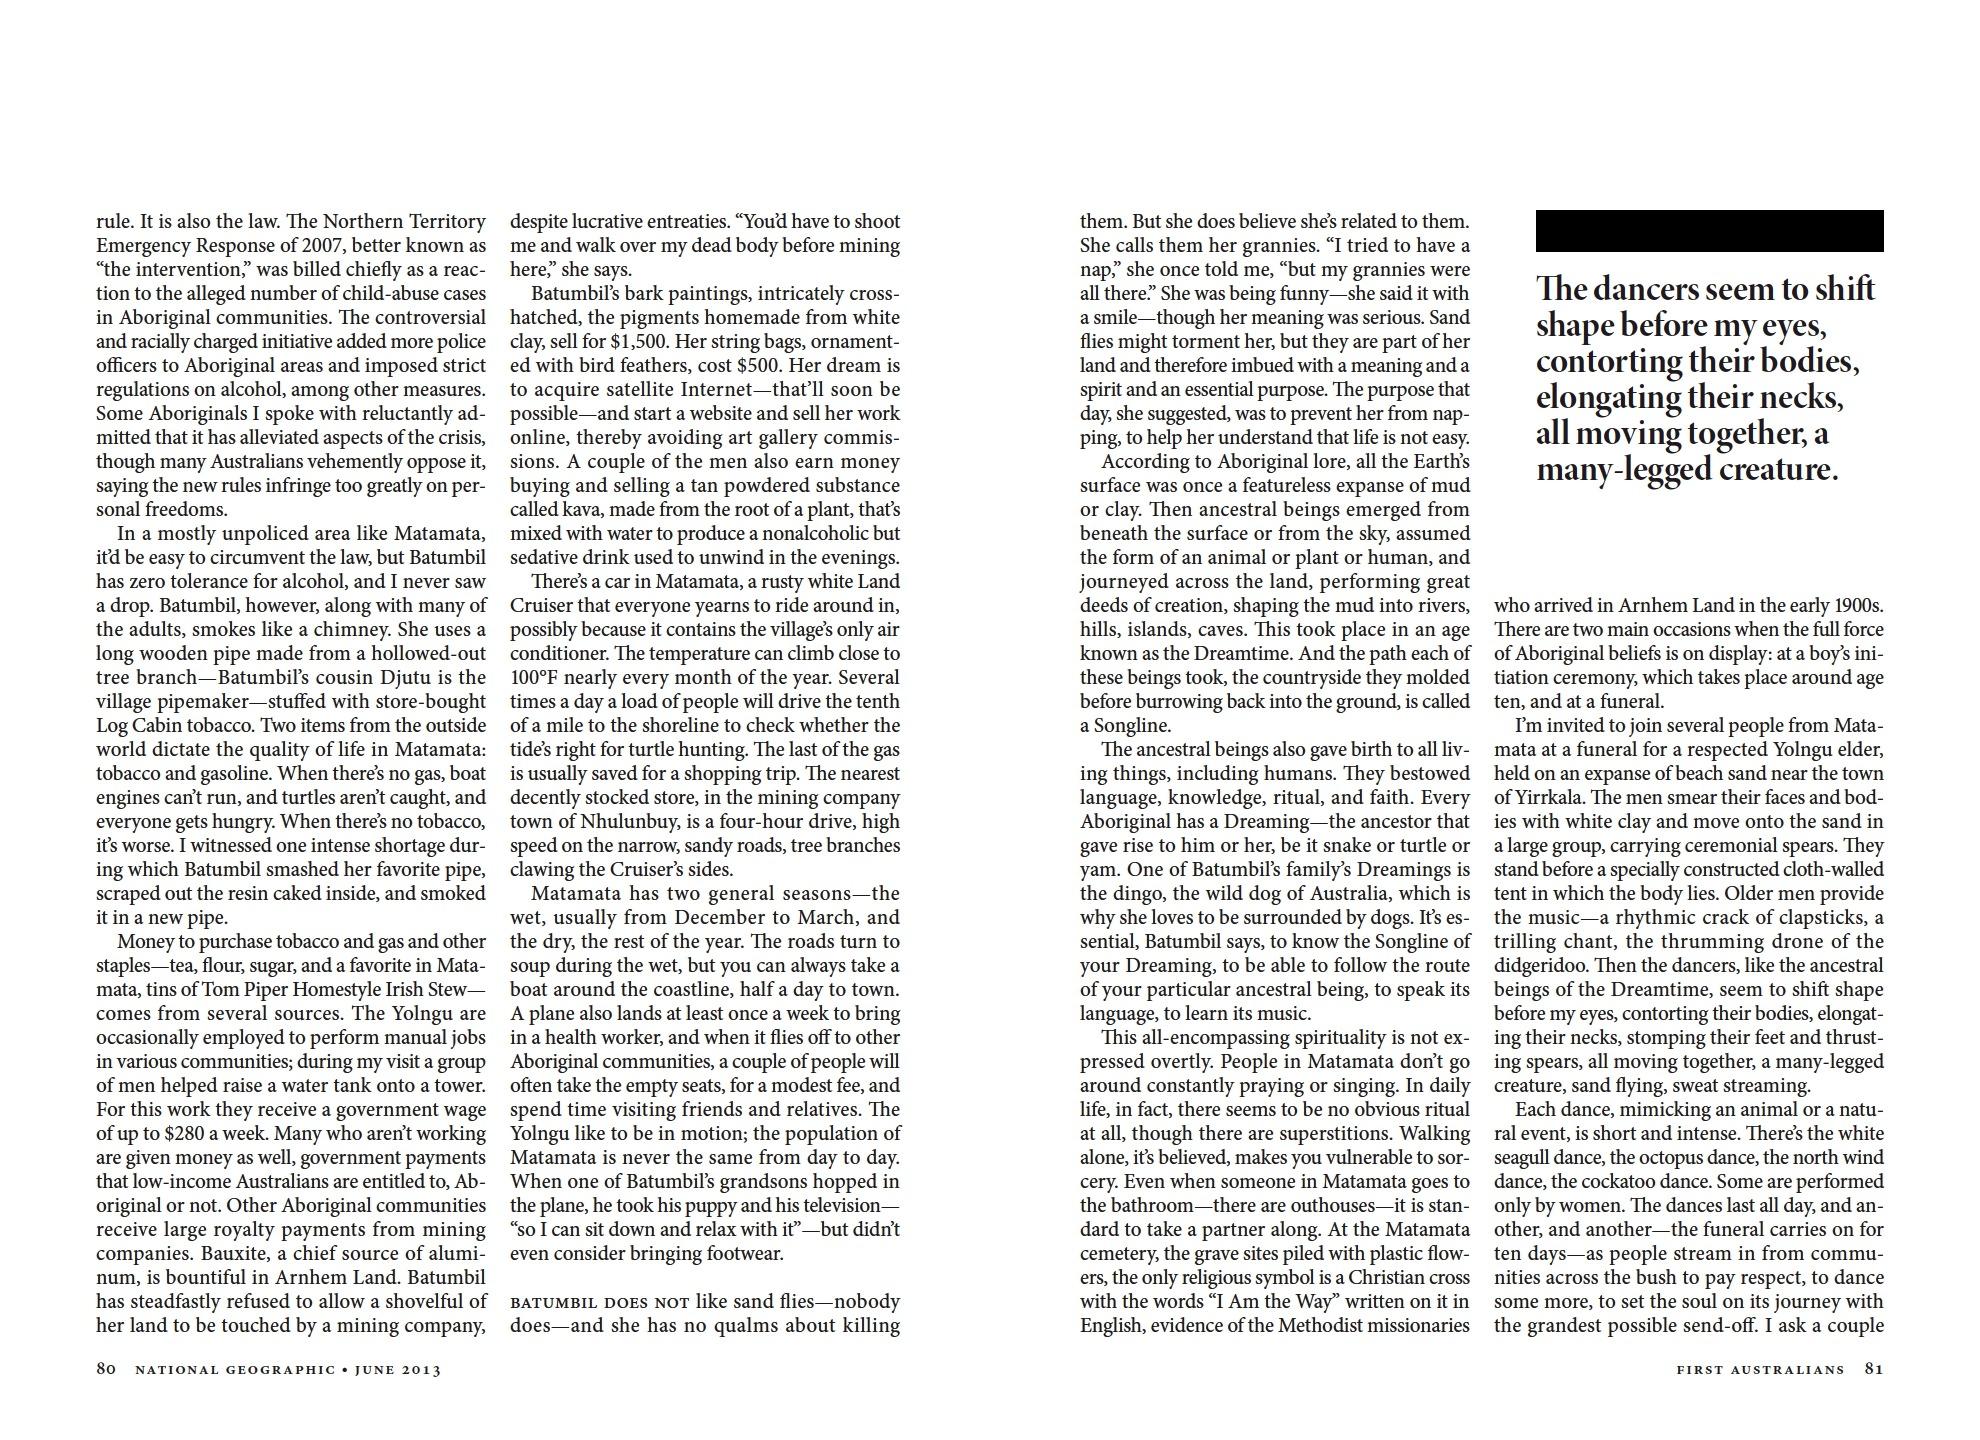 ABORIGINALS_MM7901;57 SpNB.pdf11.JPG